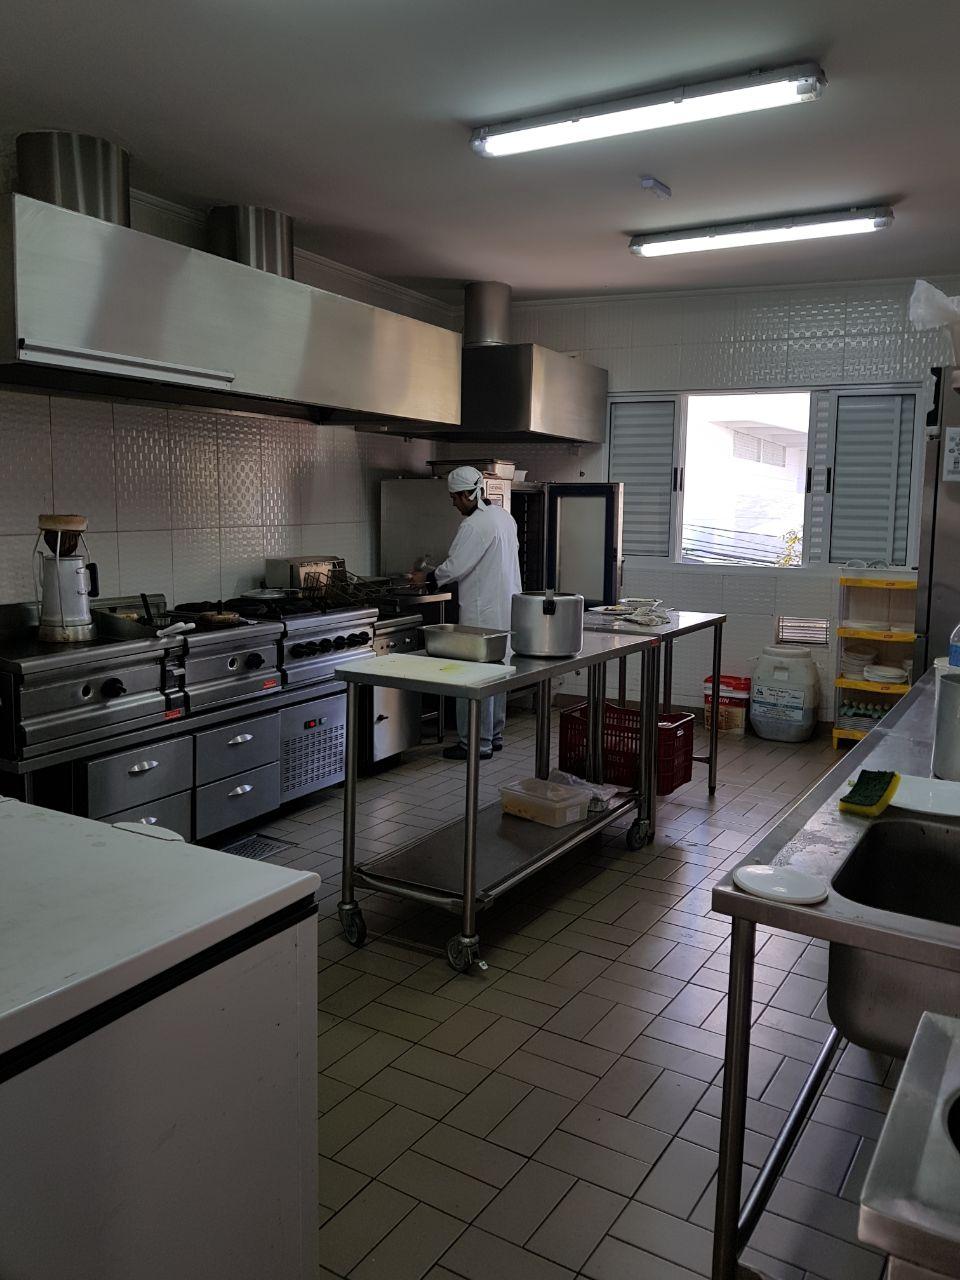 Ponto Comercial Com Instala O De Restaurante Padaria Com Cozinha